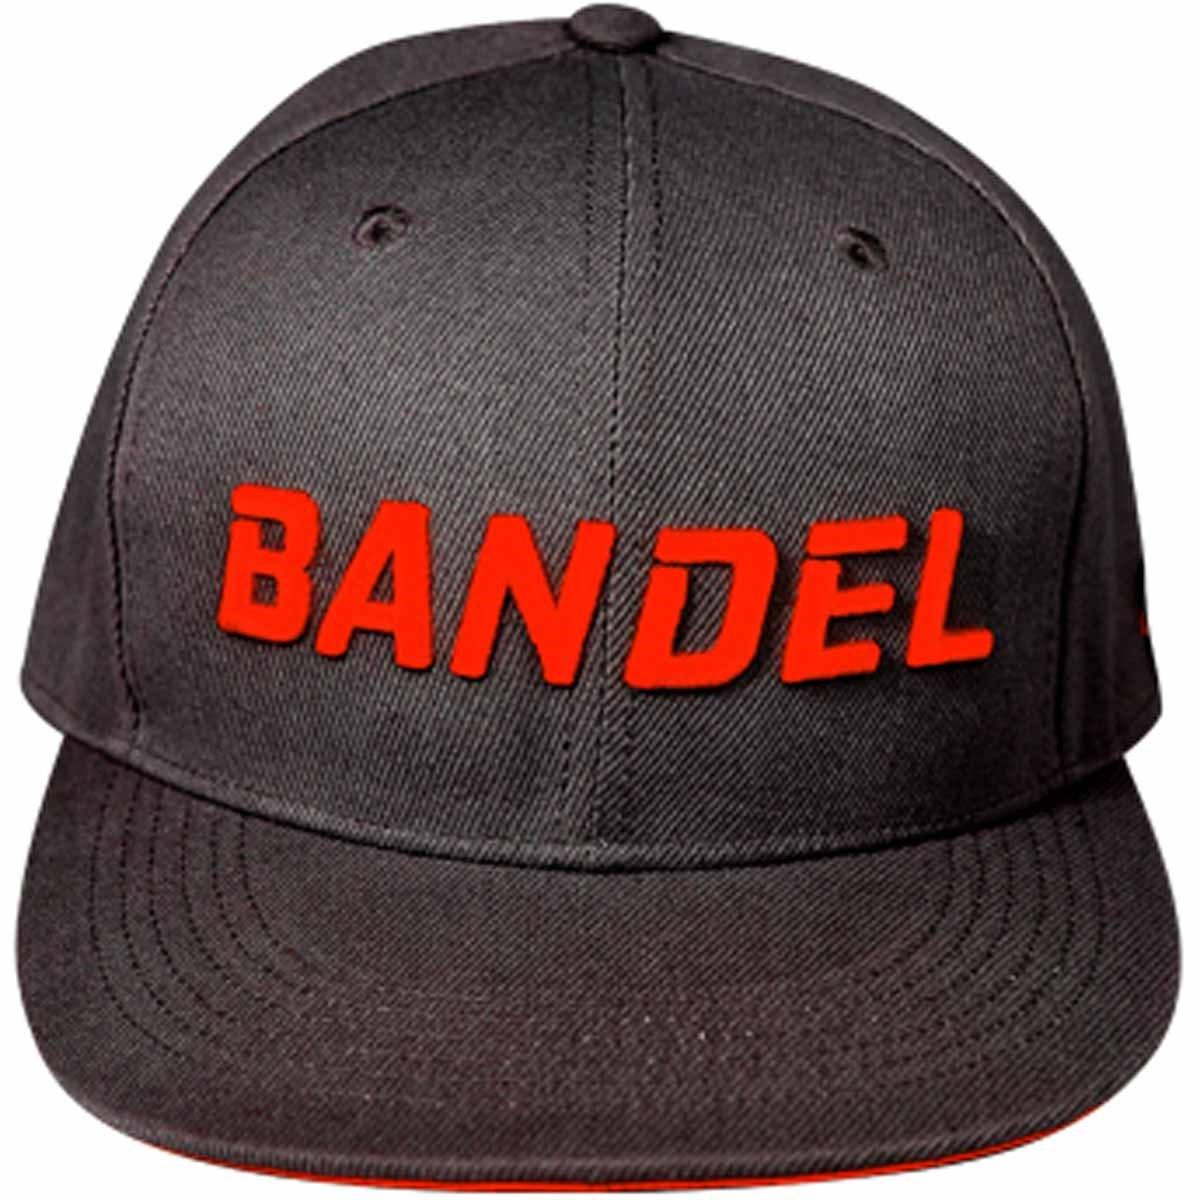 バンデル スポーツキャップ